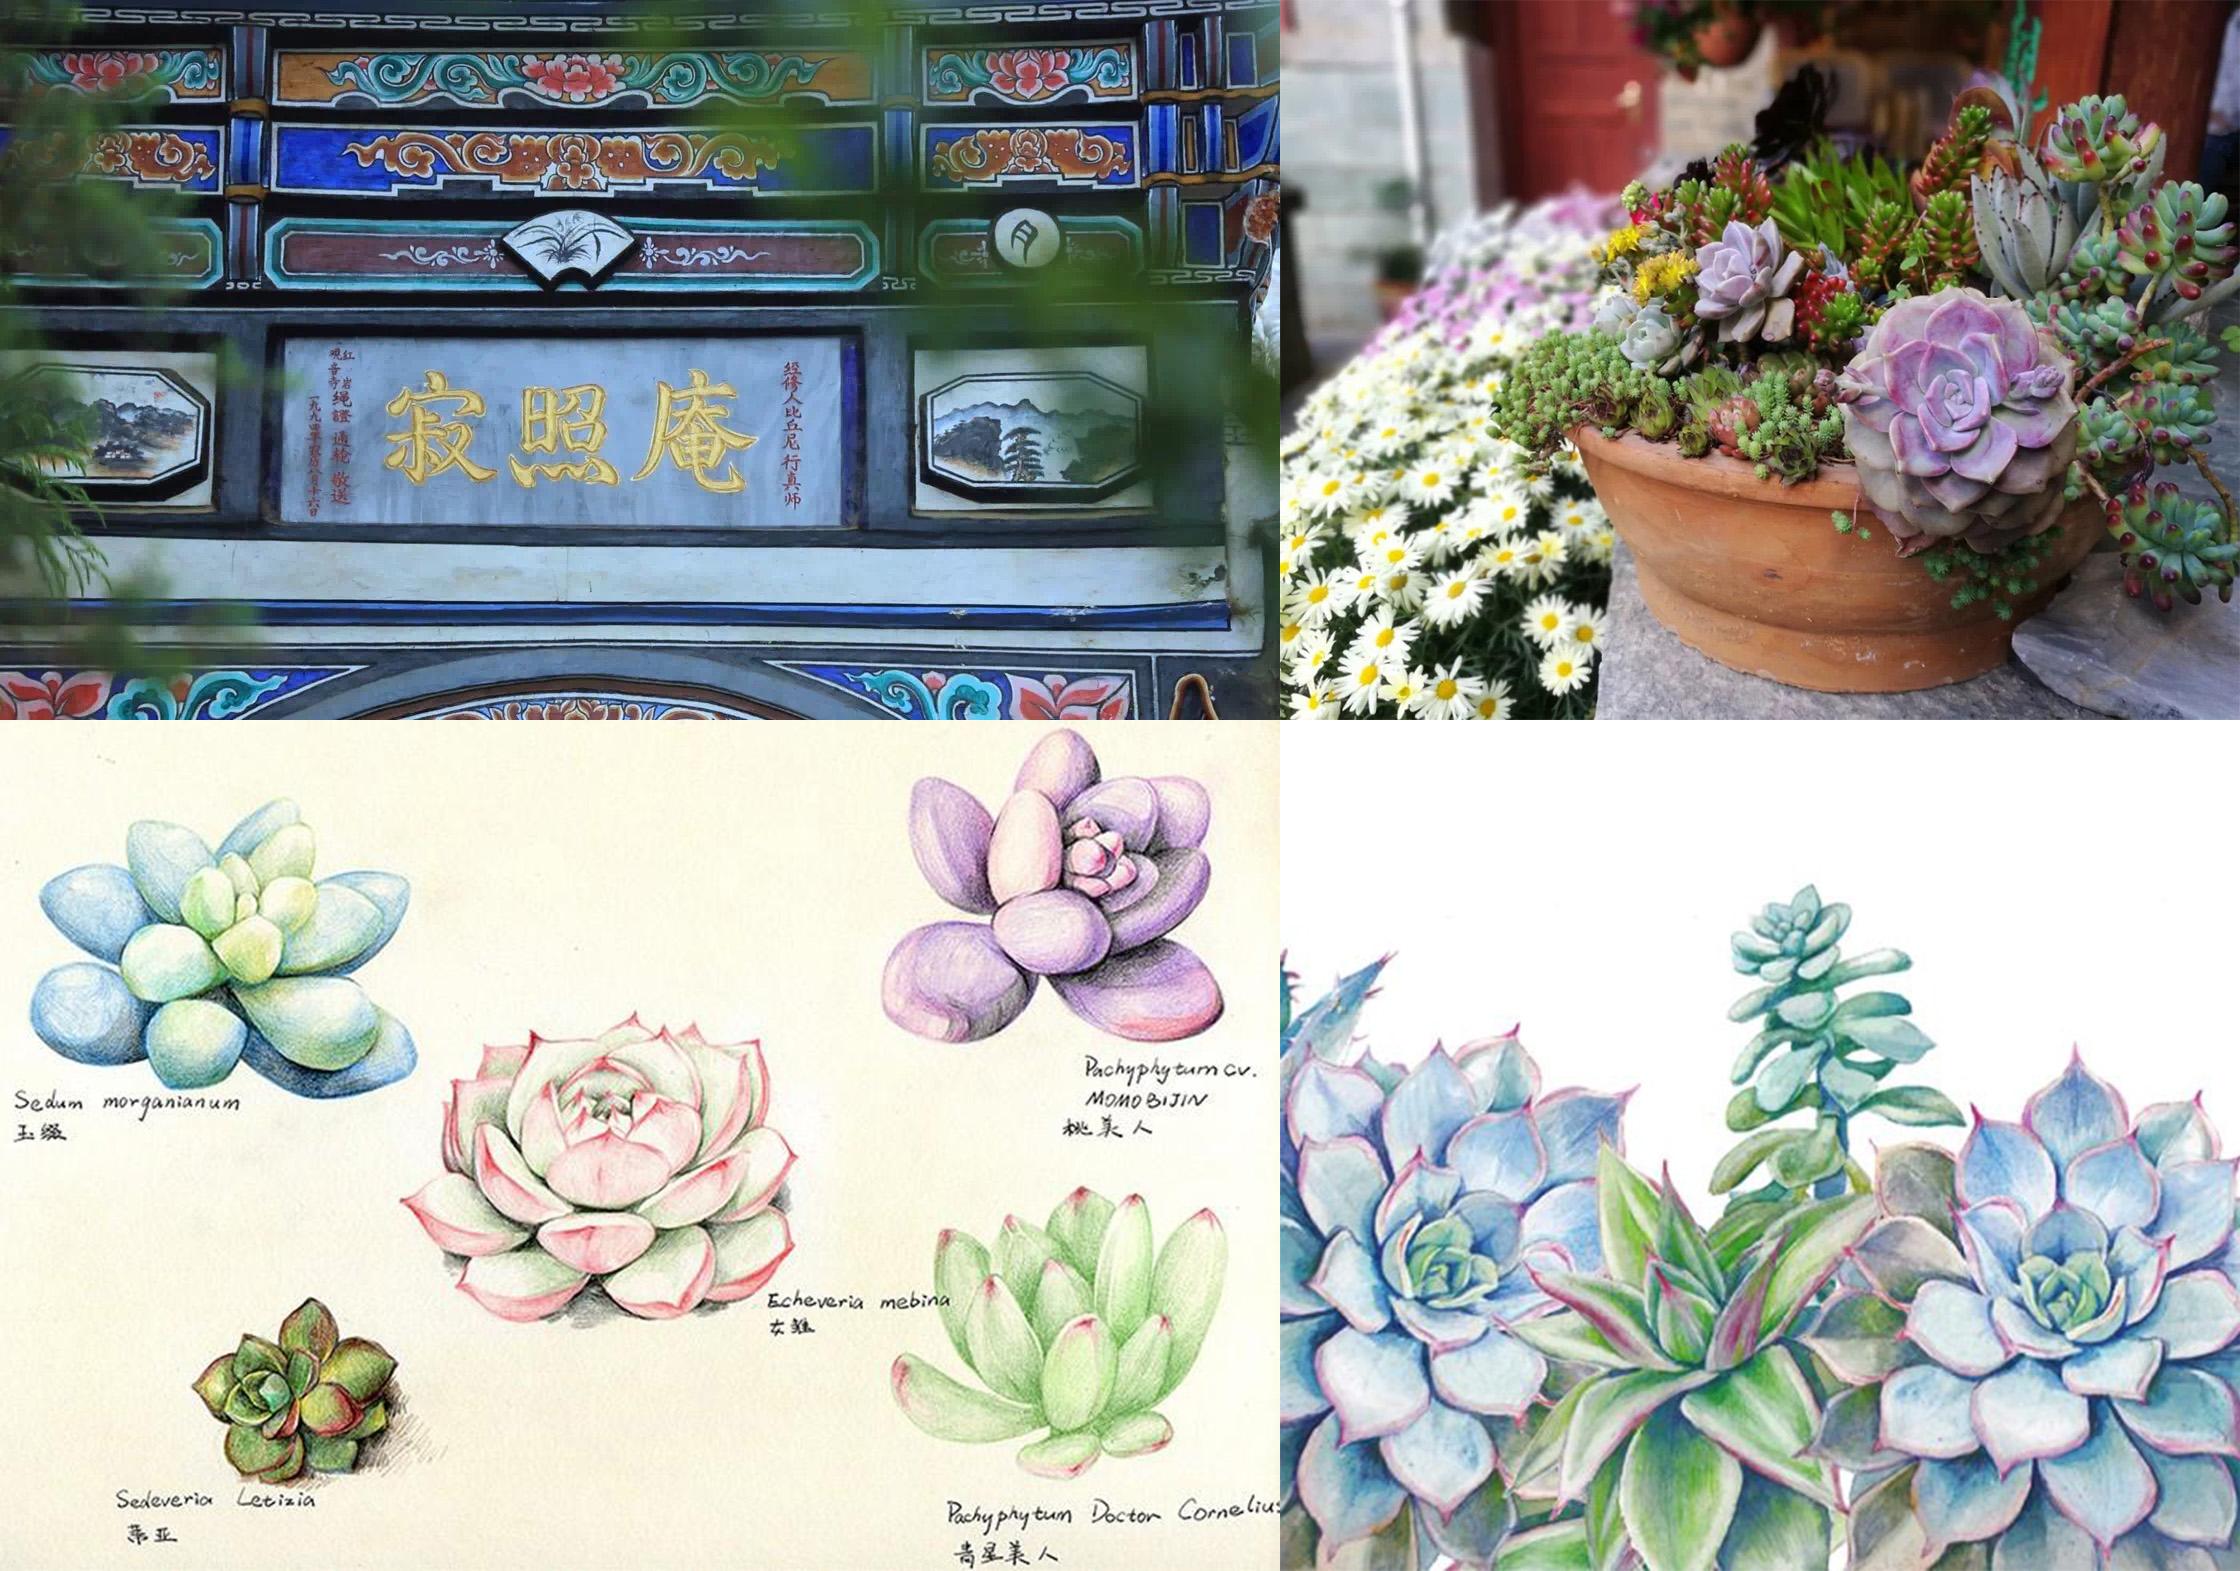 图14 寂照庵多肉植物及手绘 图片来源于网络.jpg